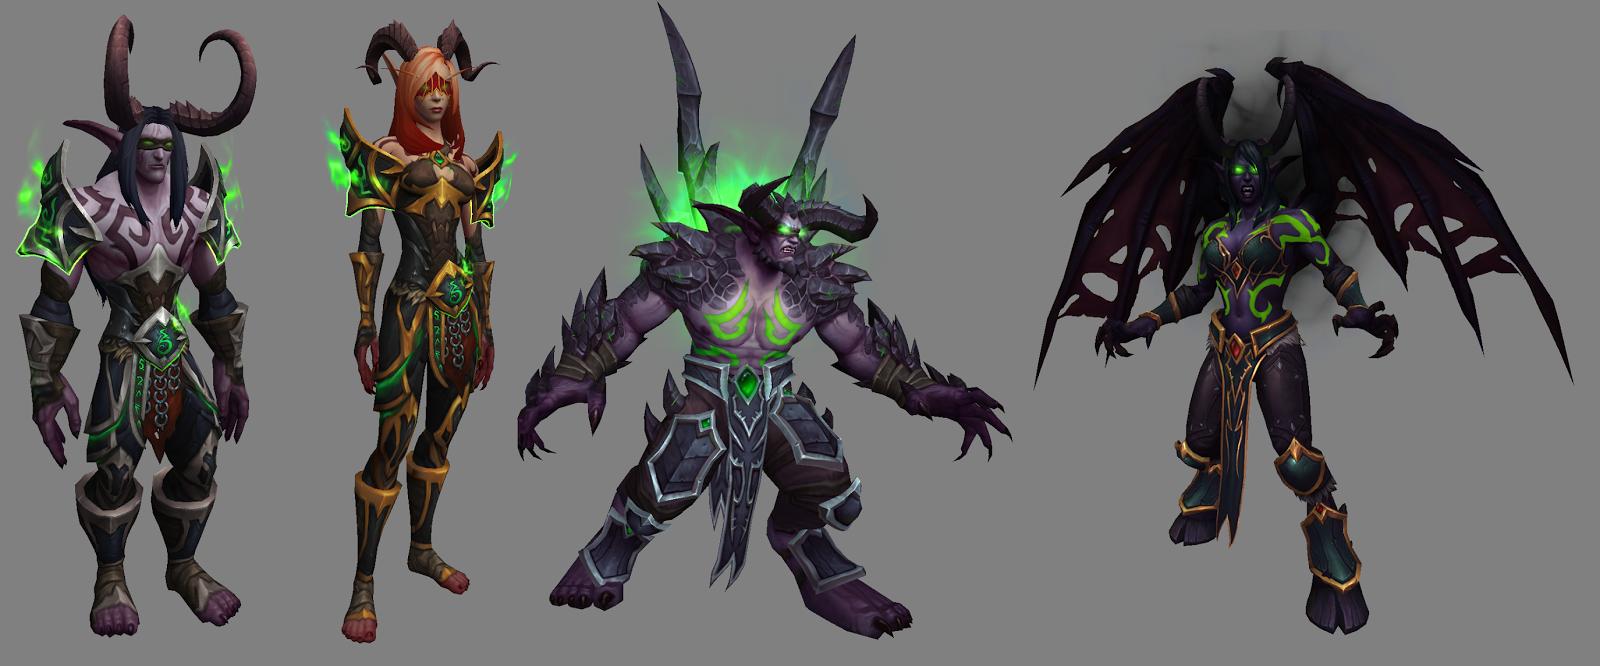 World of Warcraft: Legion Announced - Maxi-Geek